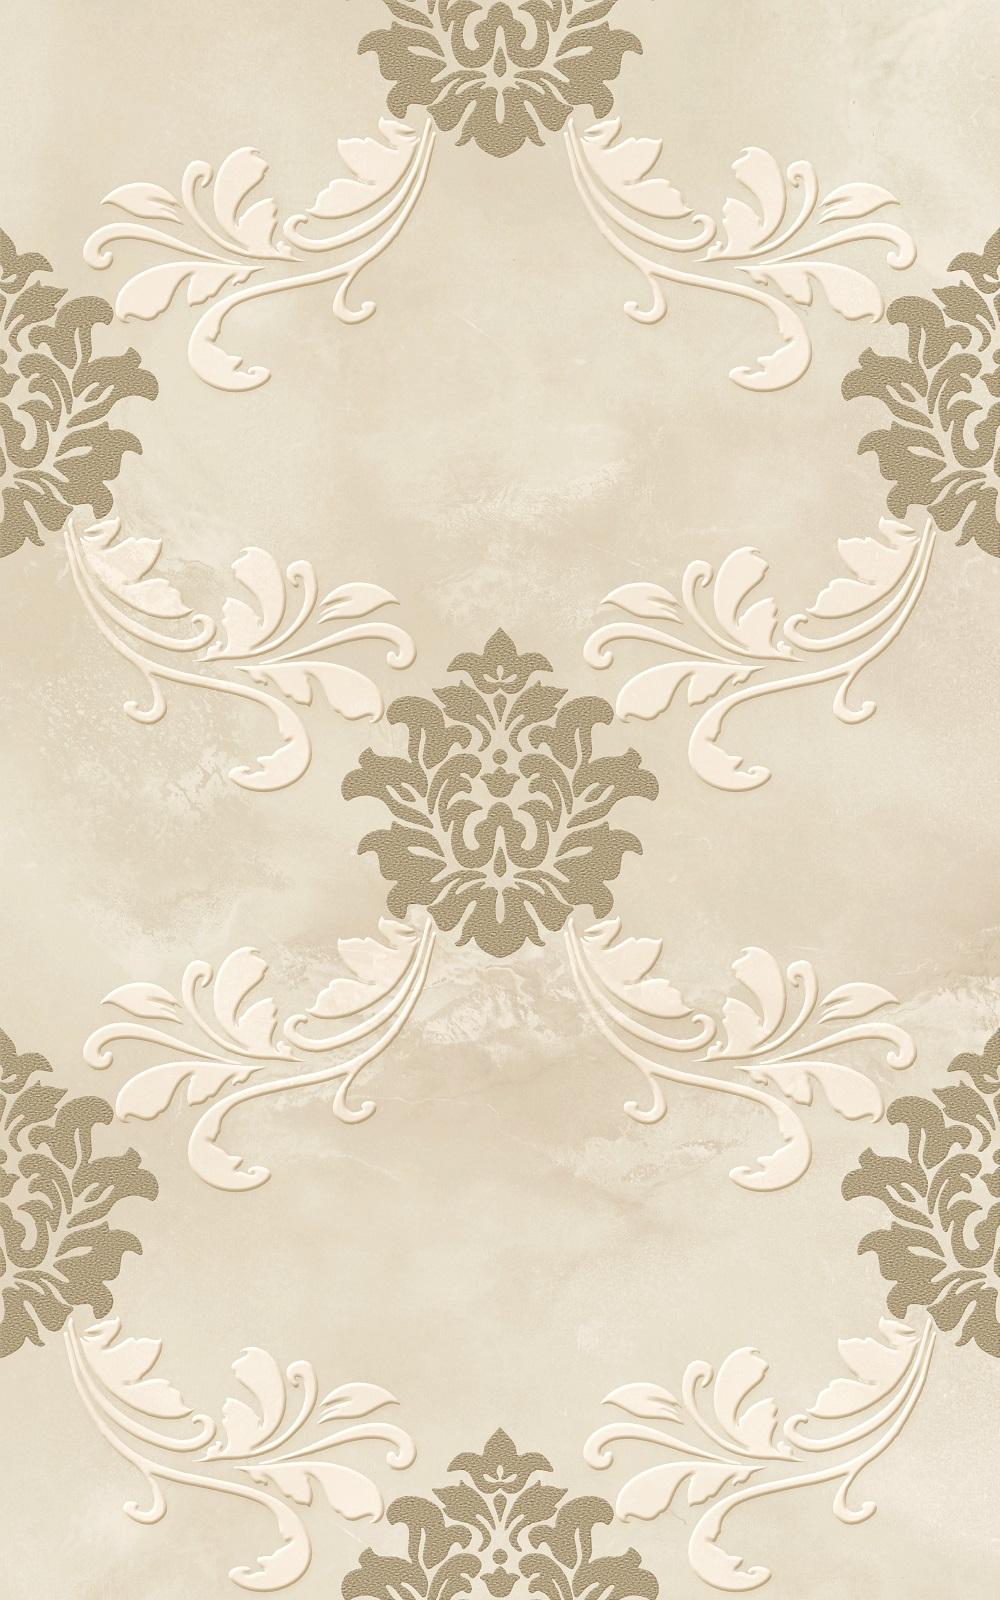 Декор Belleza Мия бежевый 25x40